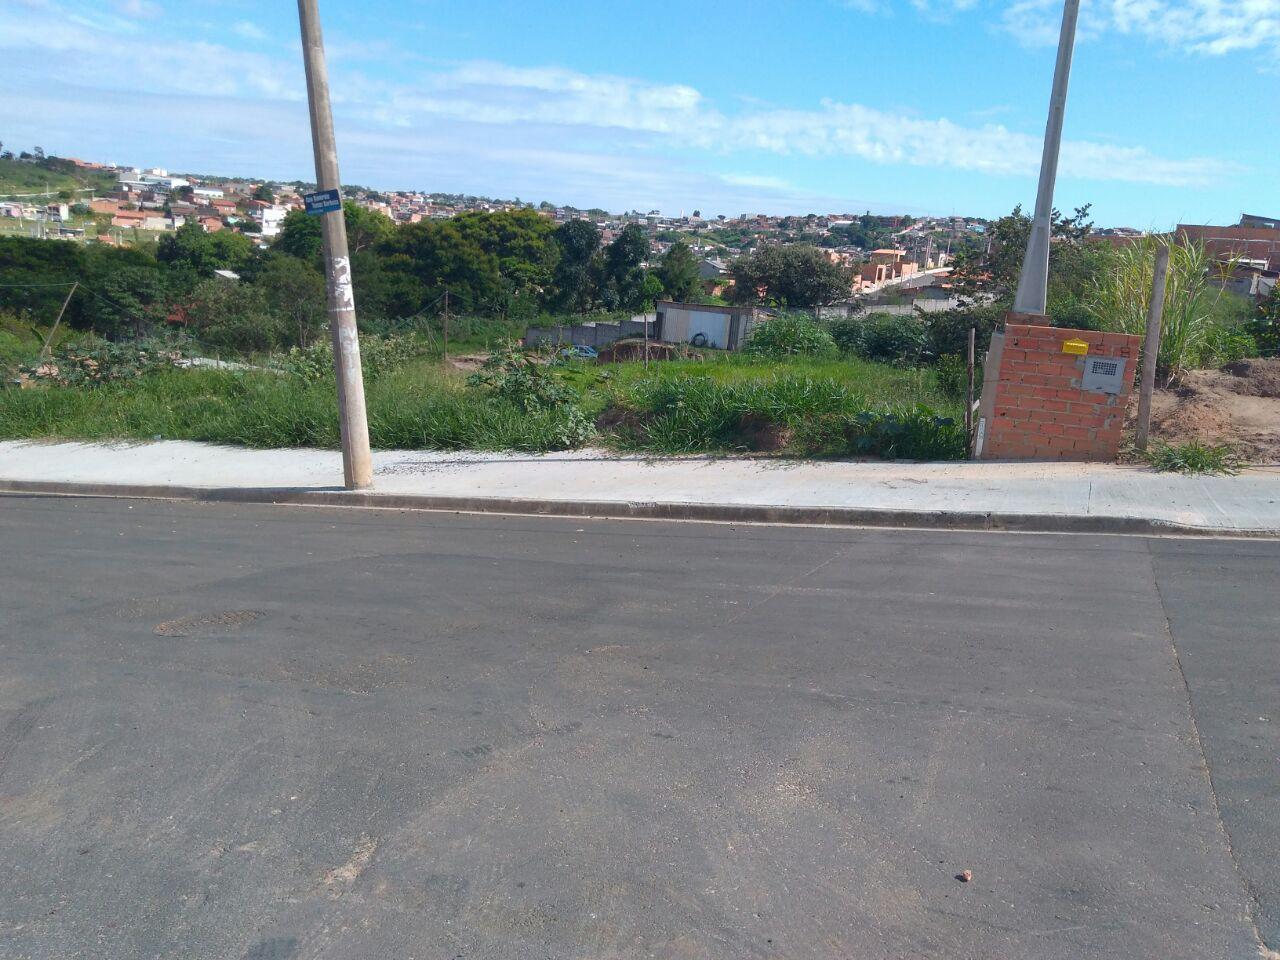 Terreno à venda, 530 m² por R$ 140.000 - Jardim São Judas Tadeu - Campinas/SP